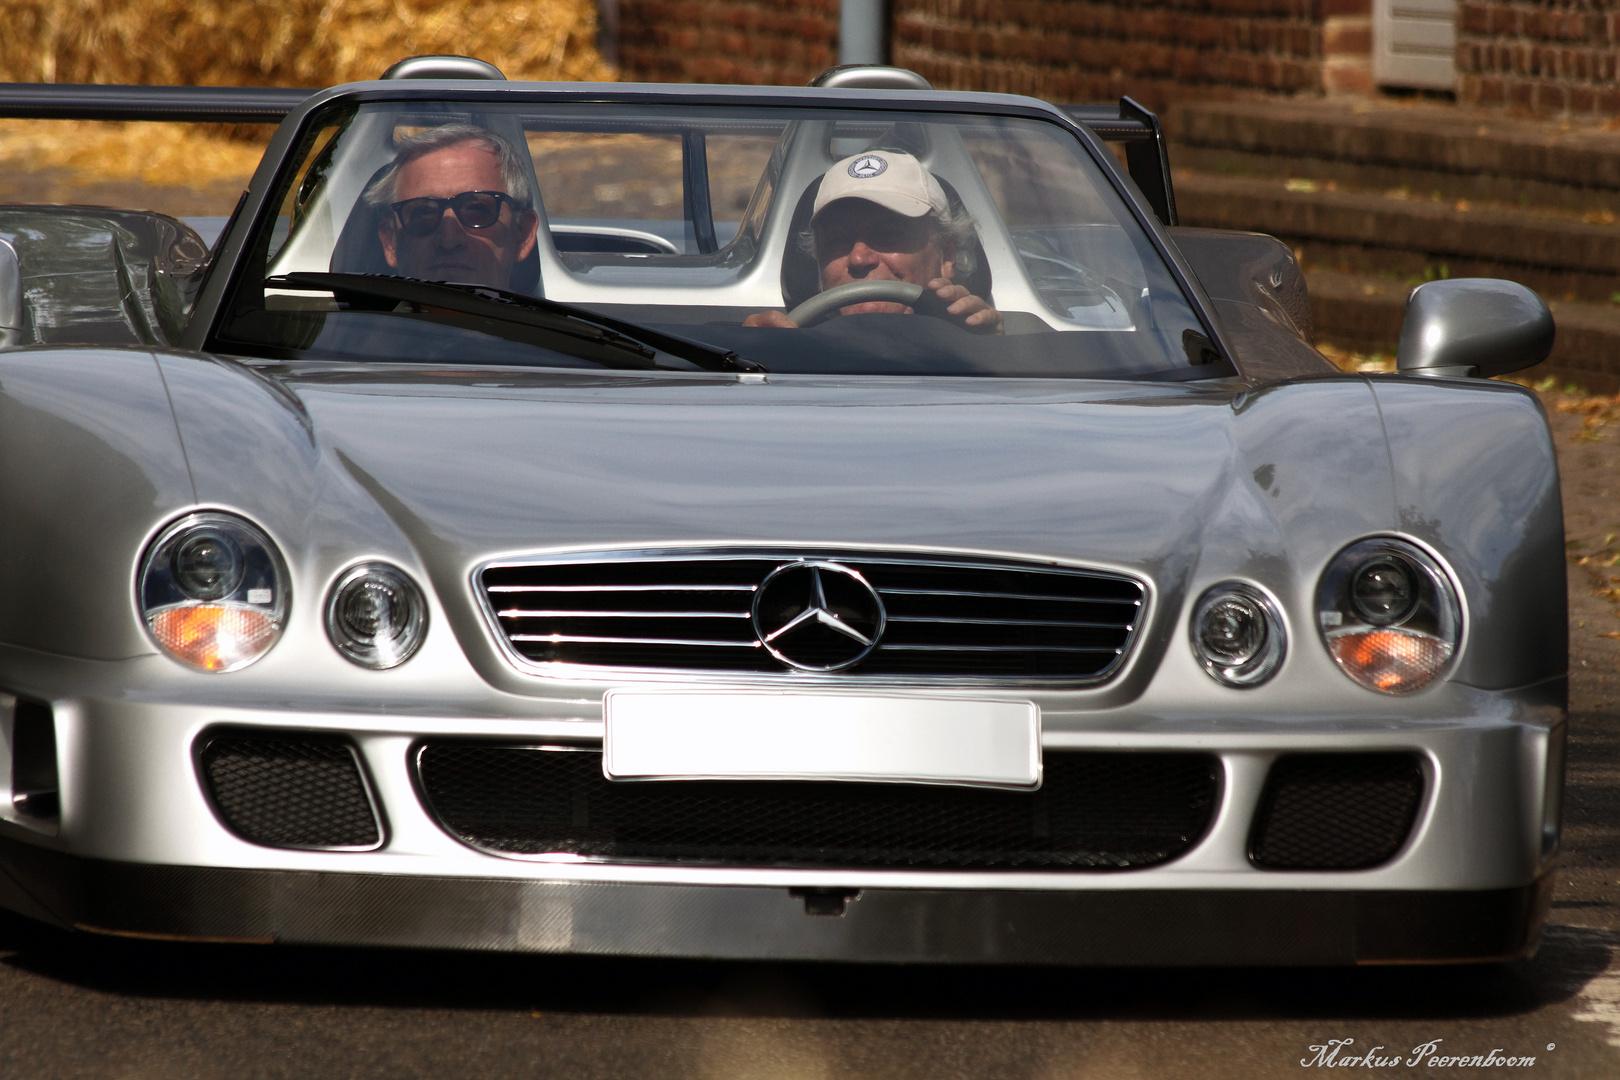 Mercedes-Benz CLK-GTR Roadster (2002)